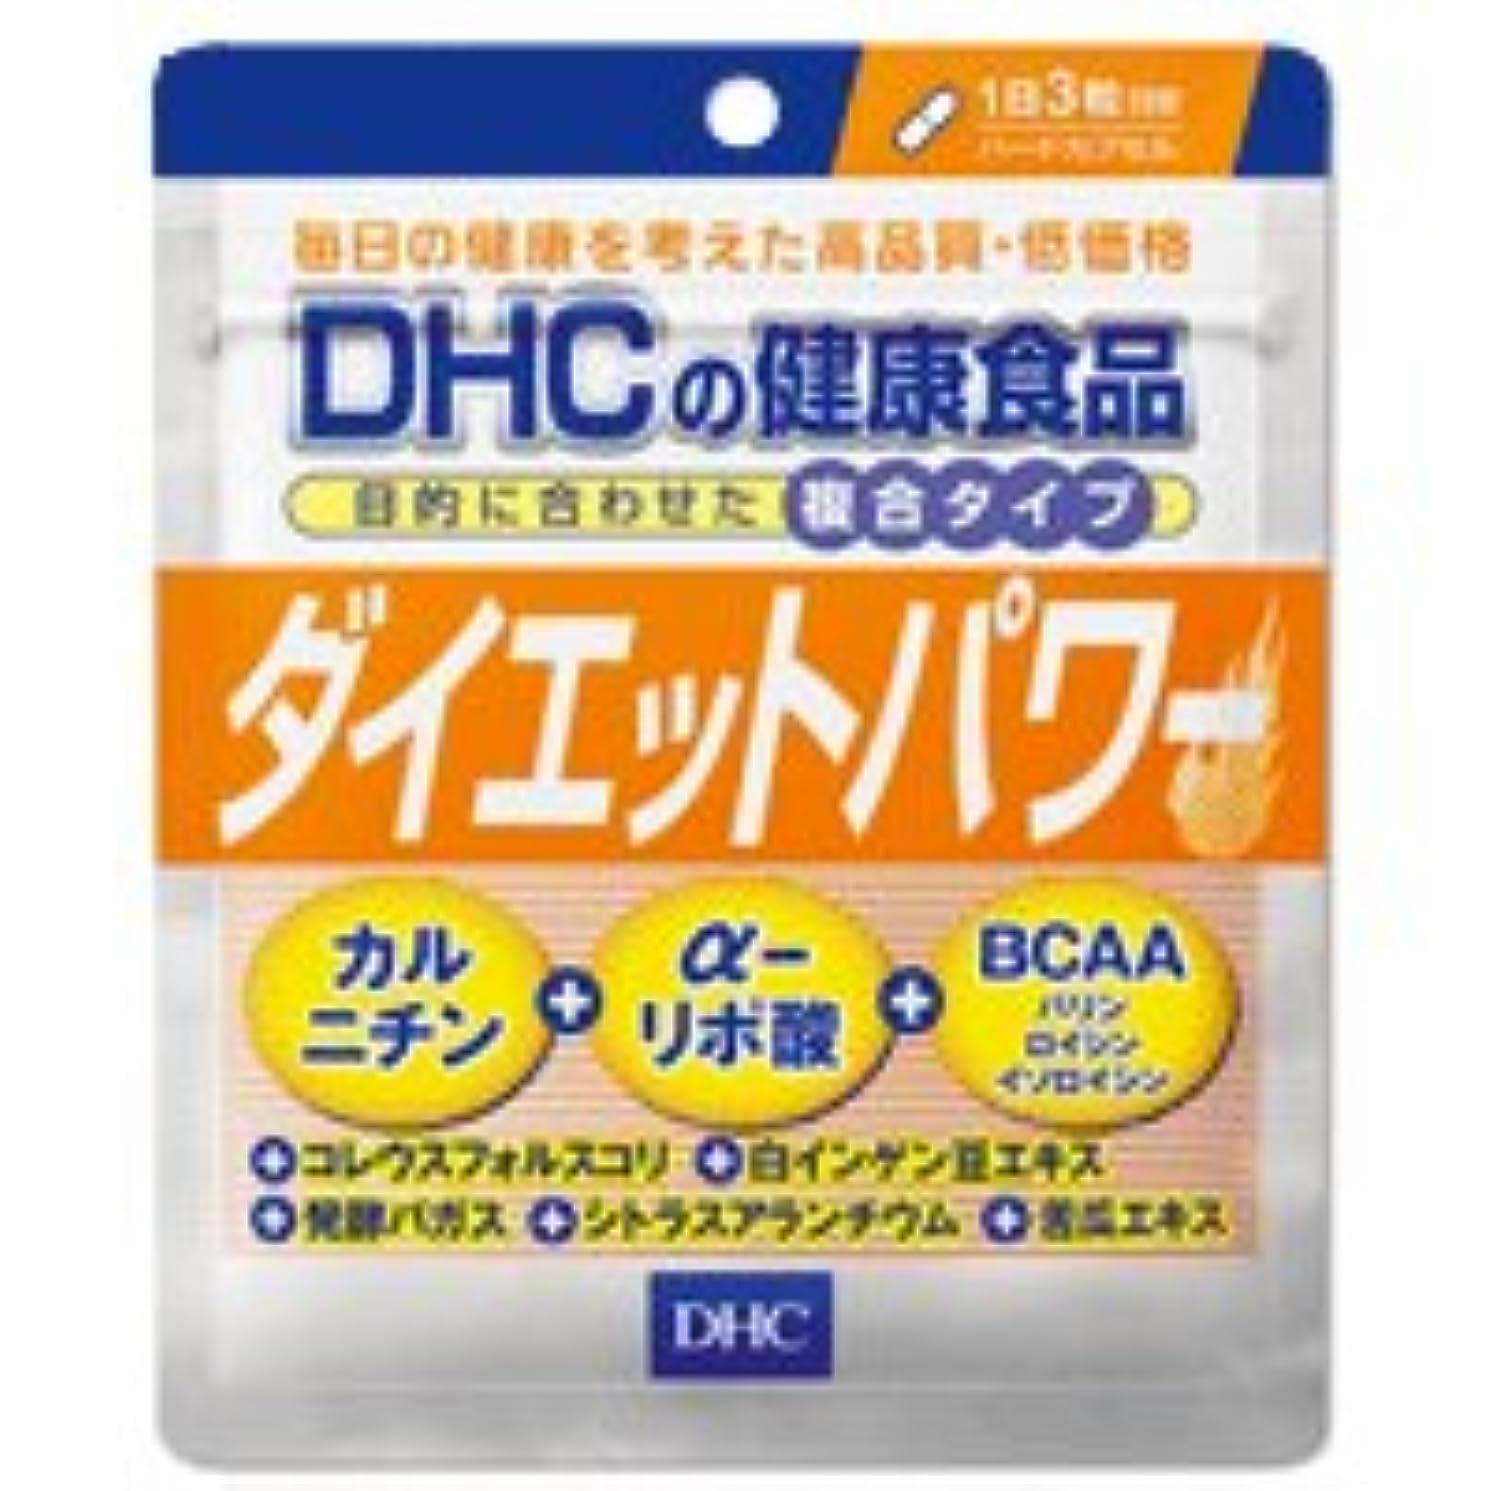 ジャベスウィルソン修士号薄暗いDHC 20日分ダイエットパワー